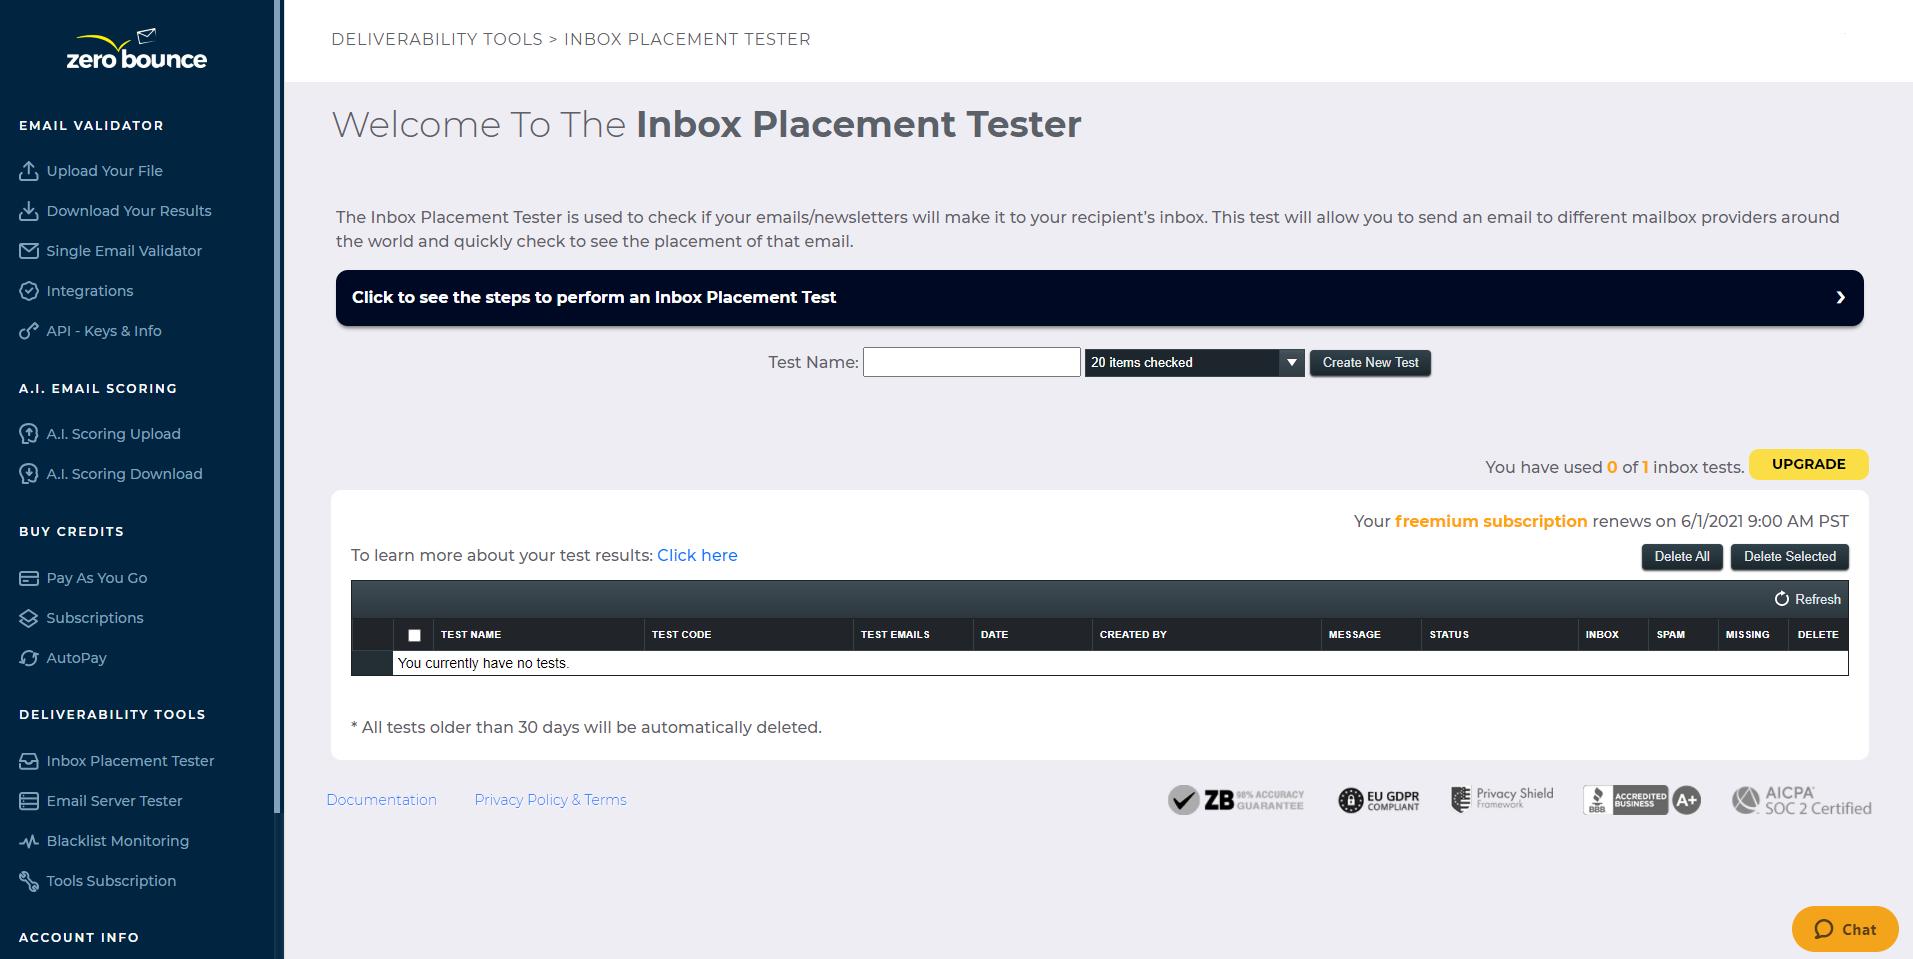 ZeroBounce Inbox Placement Tester